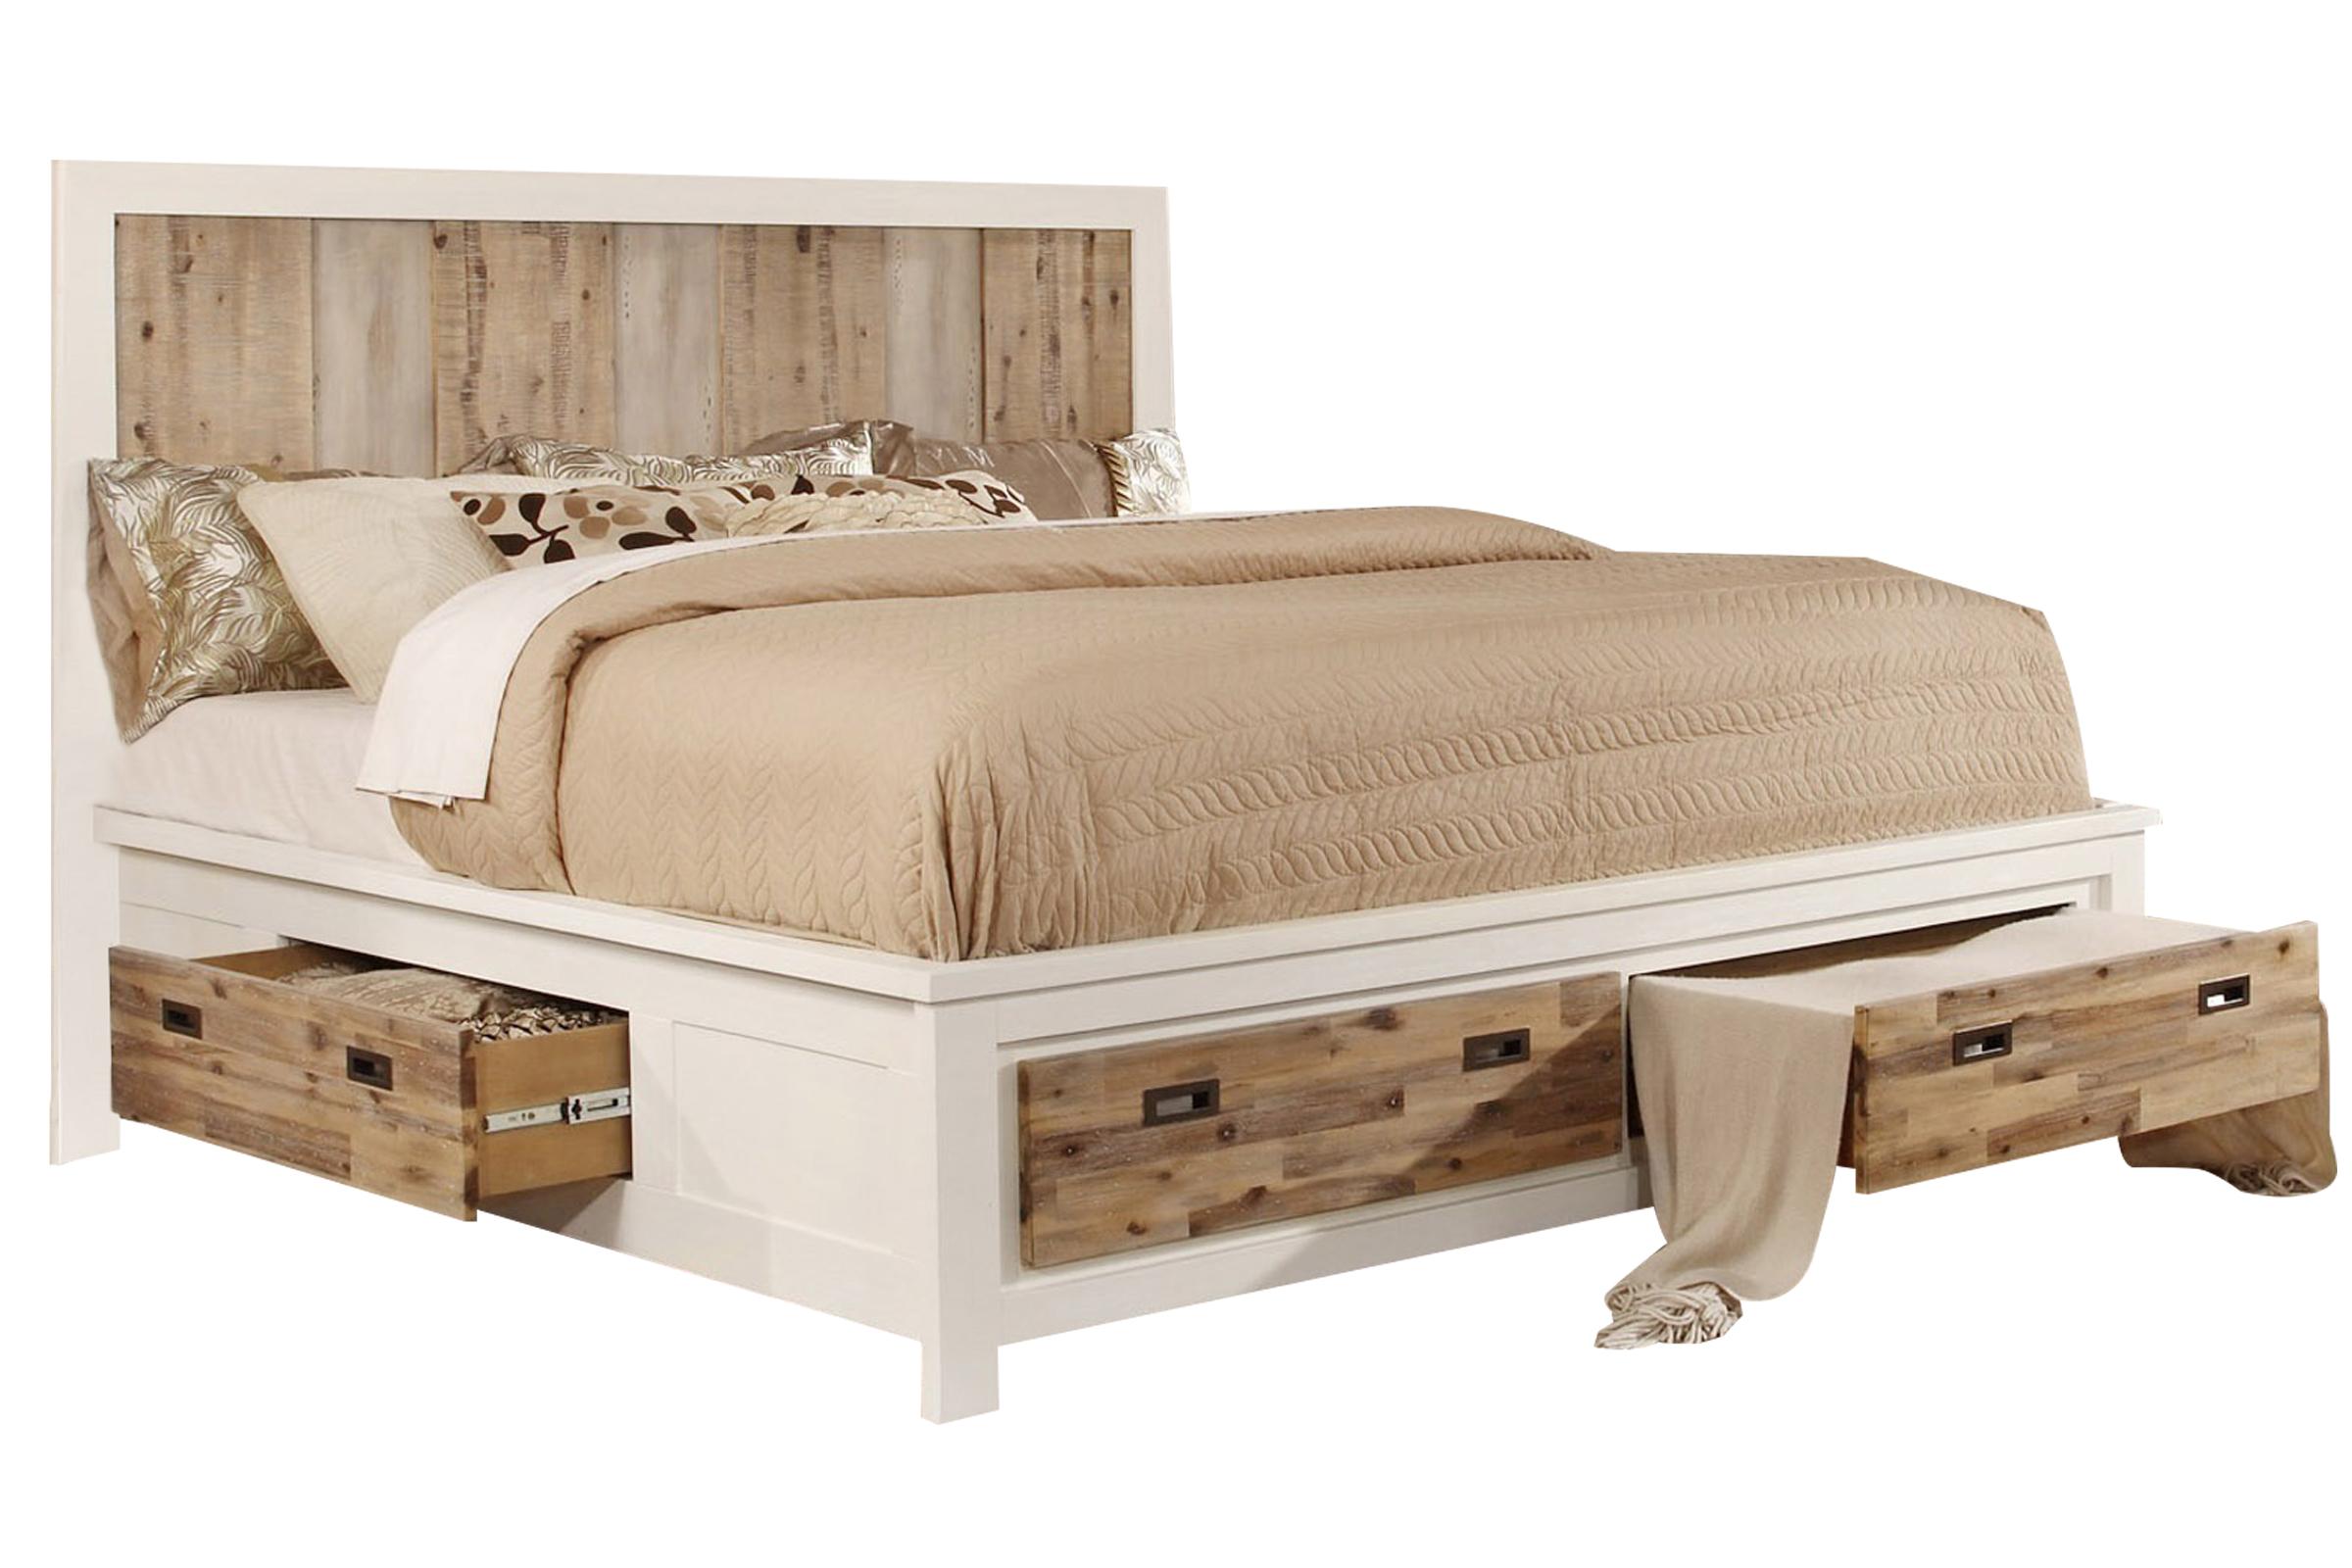 shop beds at gardner-white furniture